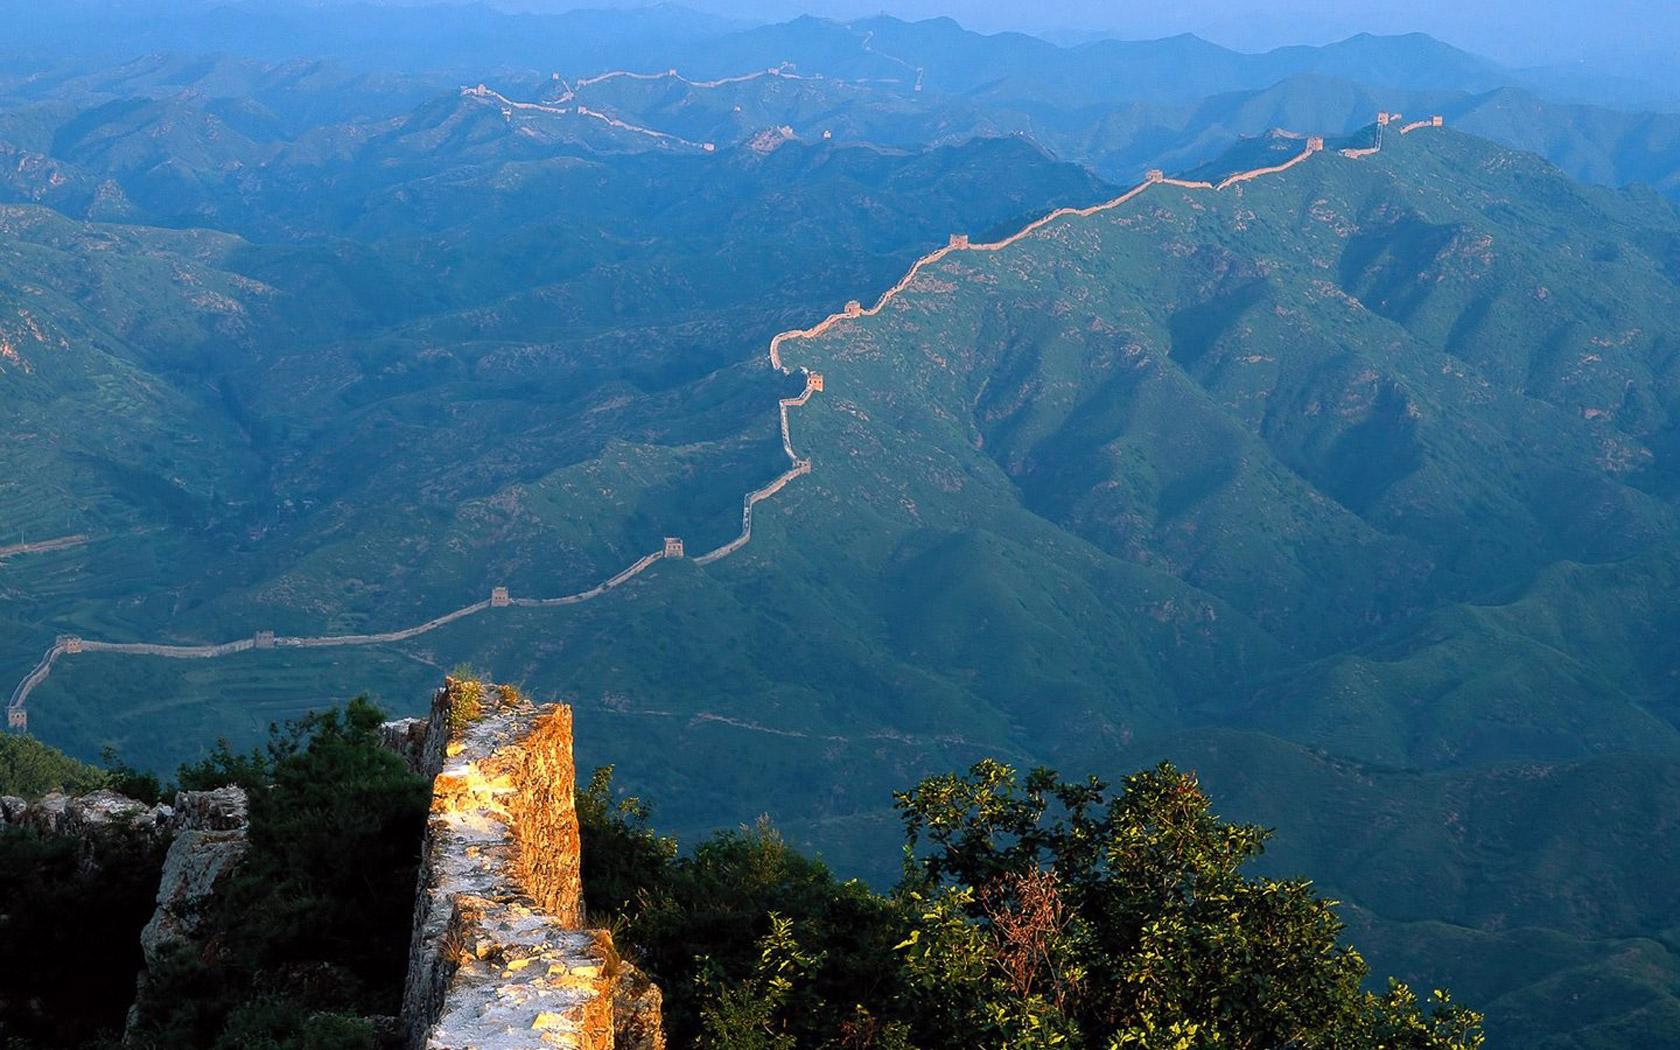 Great Wall of China Wallpaper 6792434 1680x1050